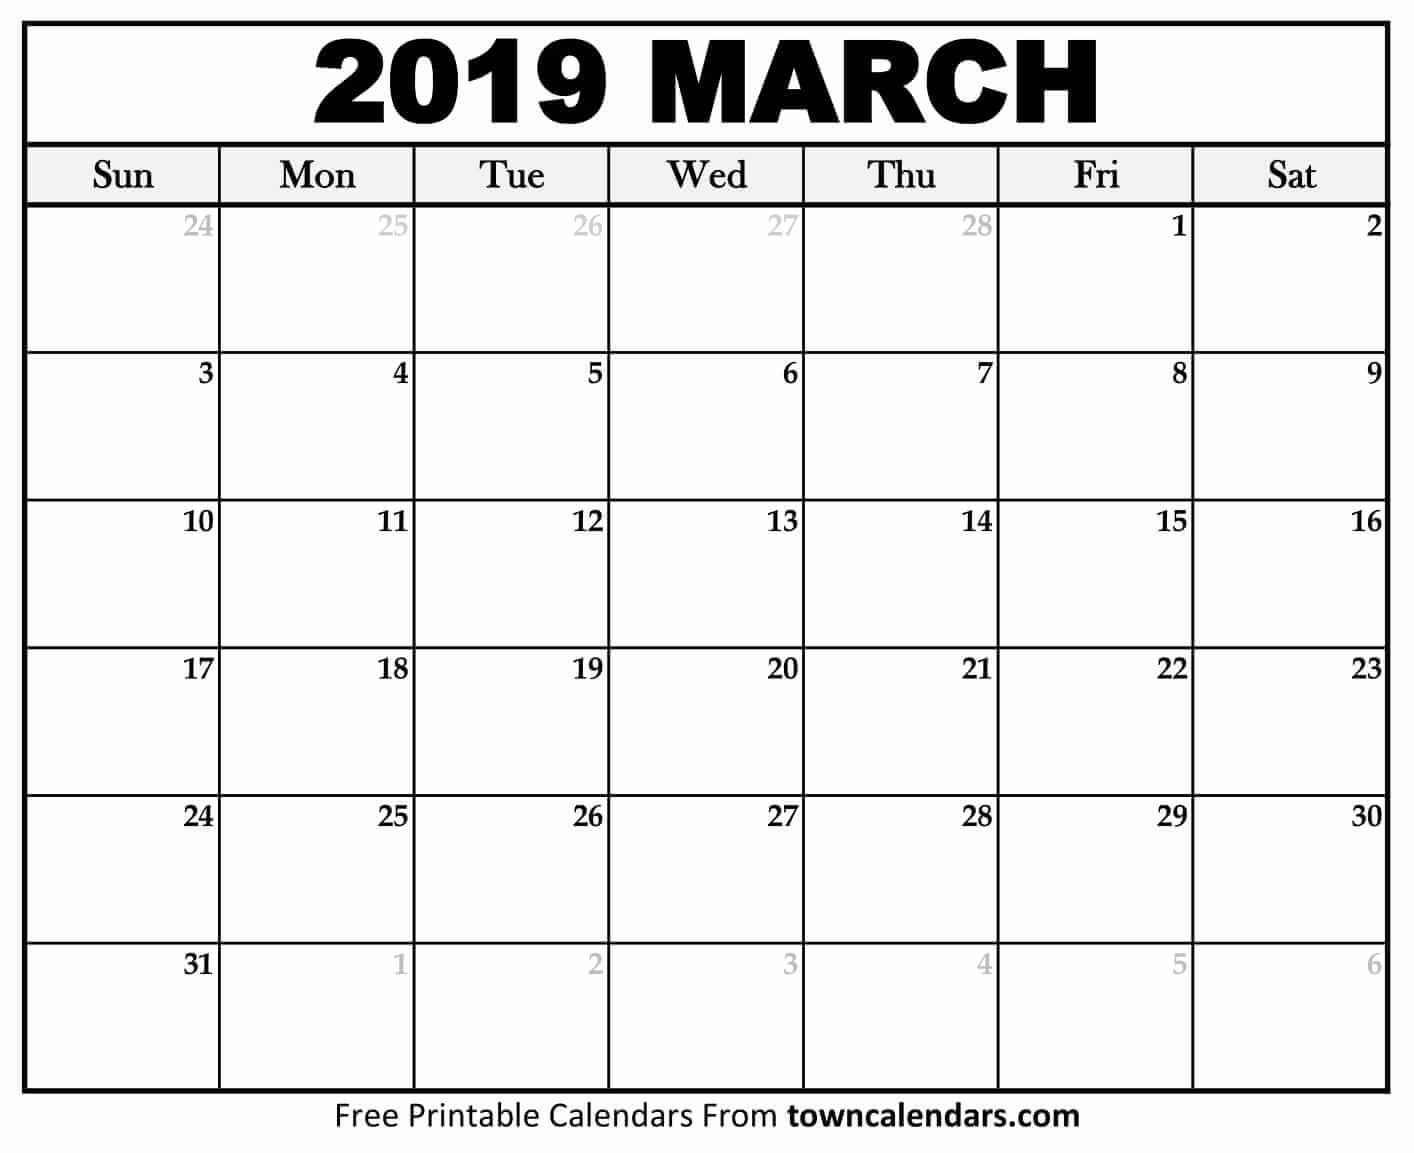 Printable March 2019 Calendar - Towncalendars A Calendar For March 2019